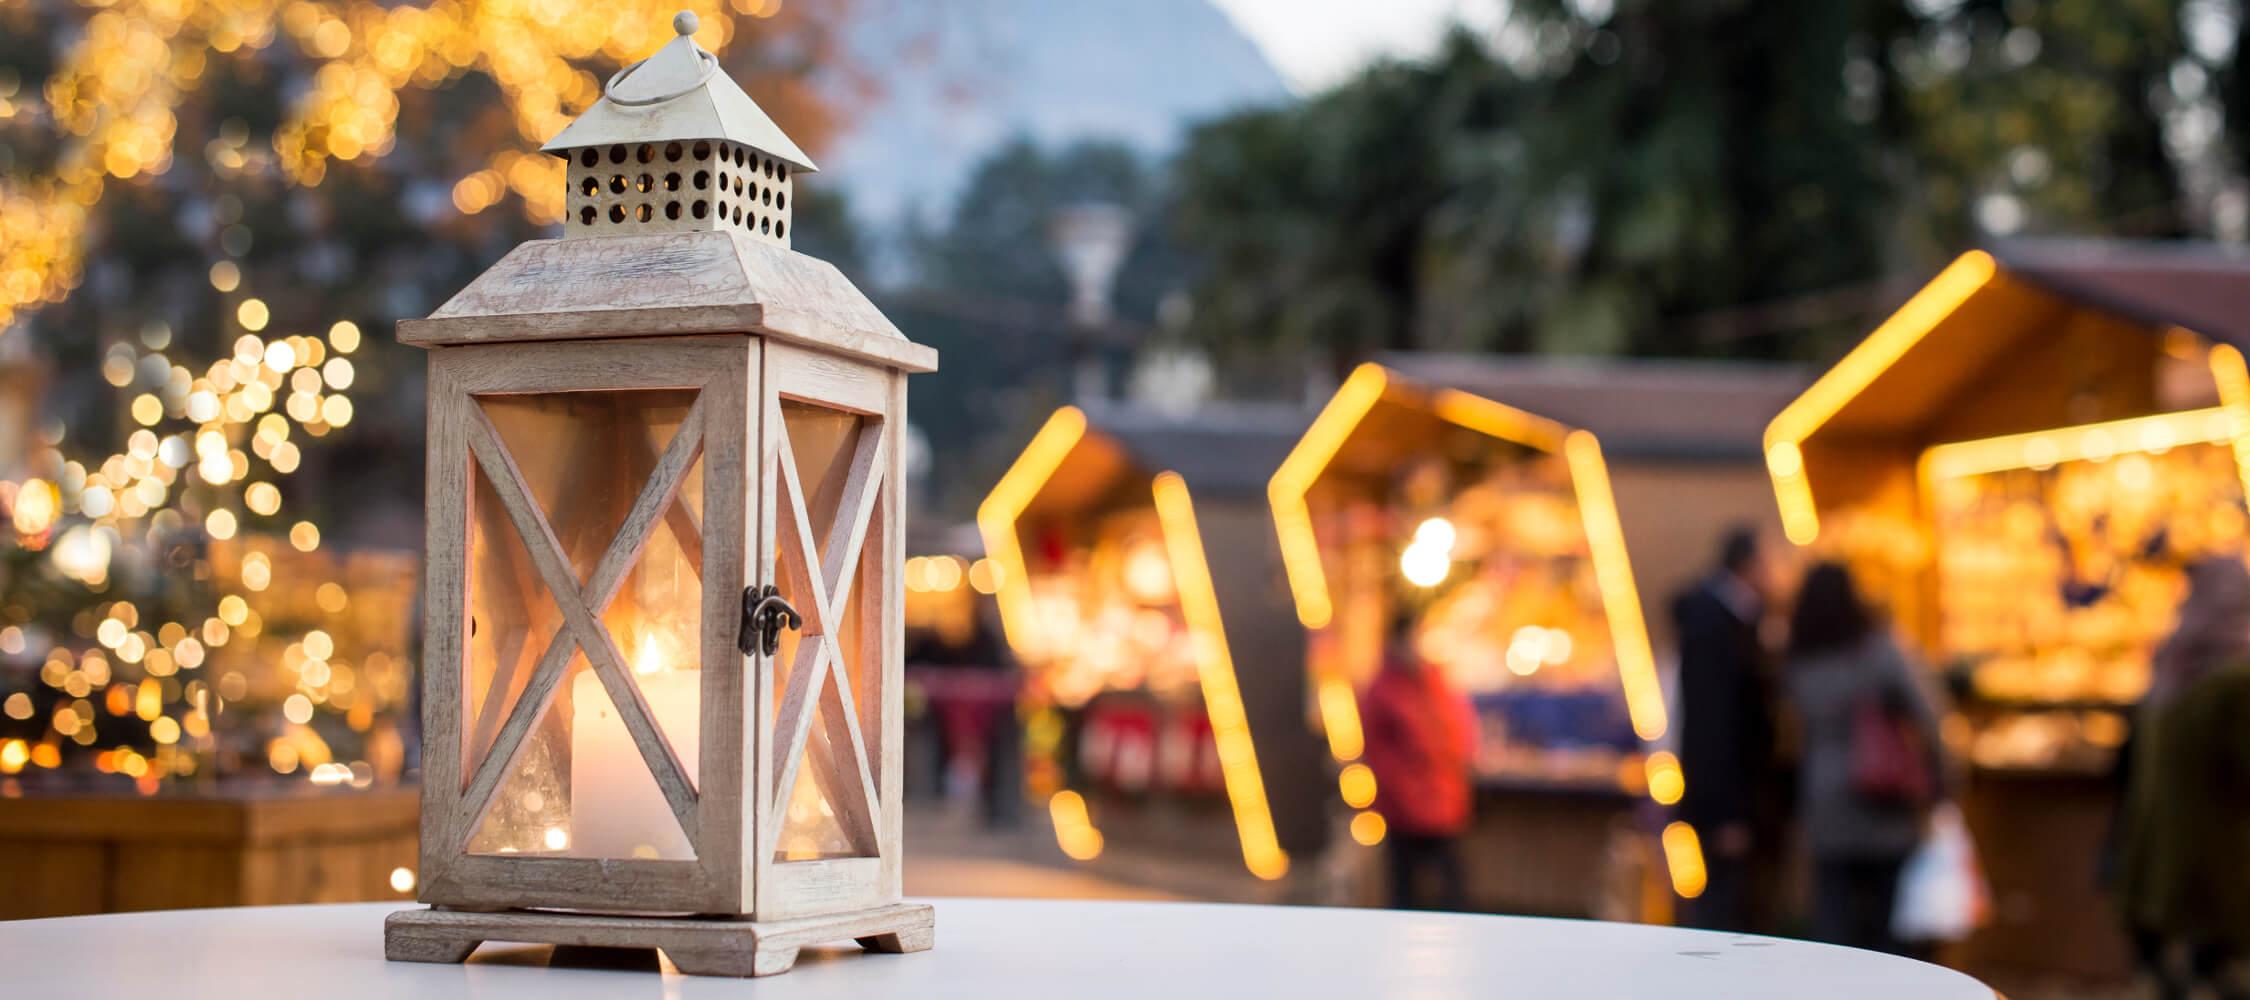 Italien-Trentino_Suedtirol_Alto_Adige_Merano_Meran_Erleben_Weihnachtsmarkt_Weihnachten_Winter_Nacht_Kurverwaltung-Alex_Filz_DSC0780_2250x1000